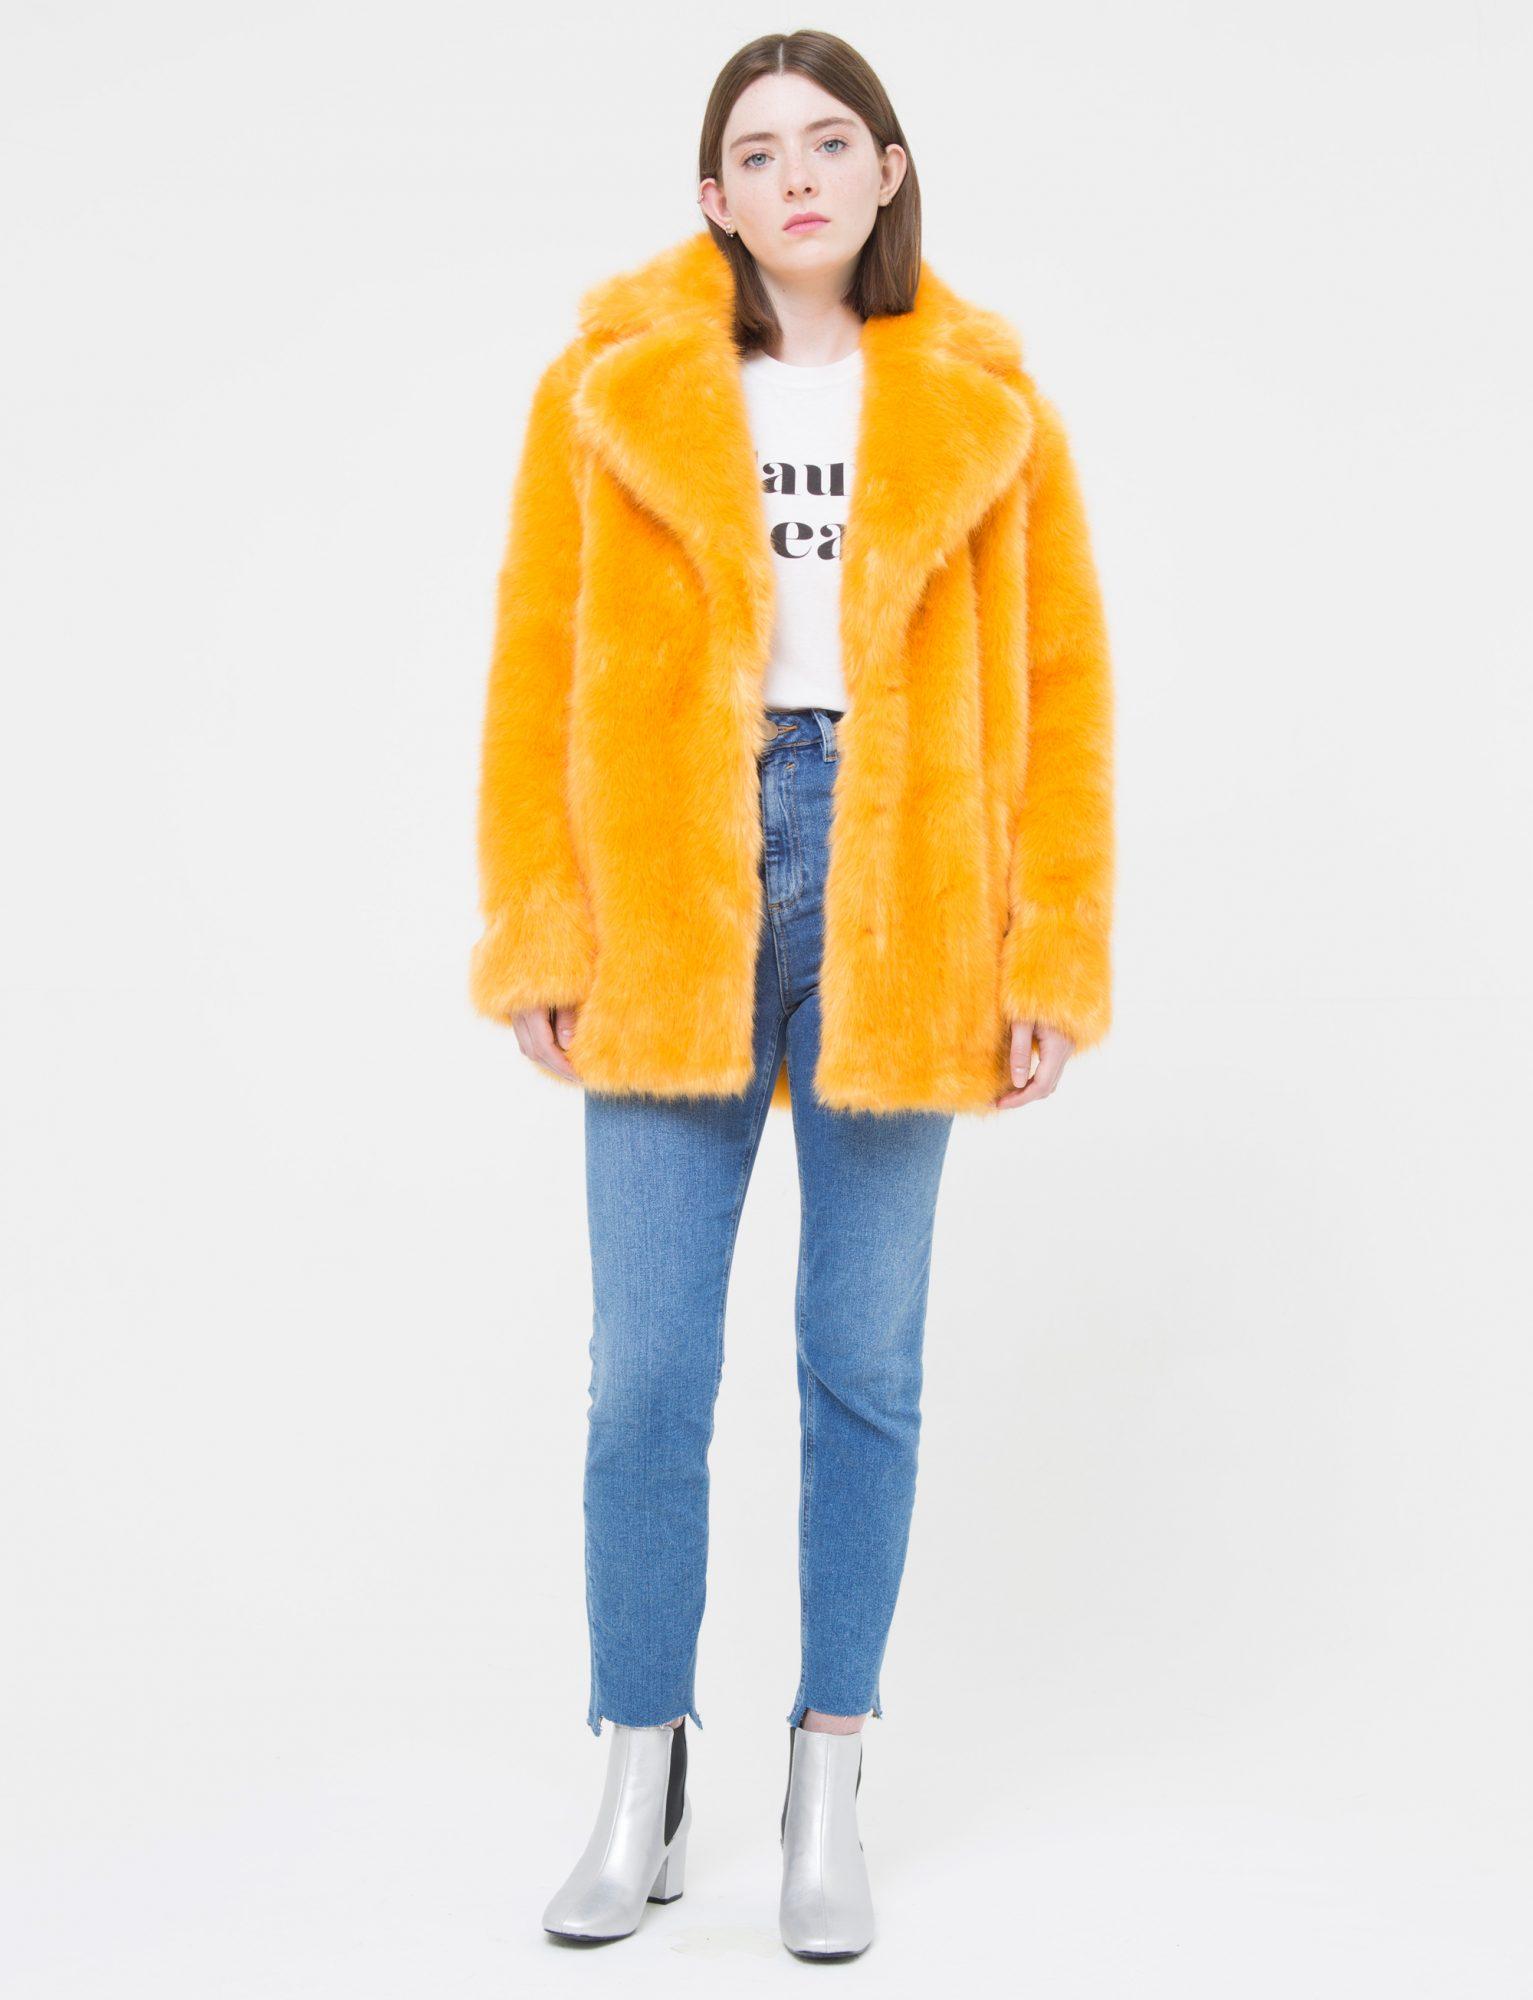 $140 jacket available on jakke.co.uk